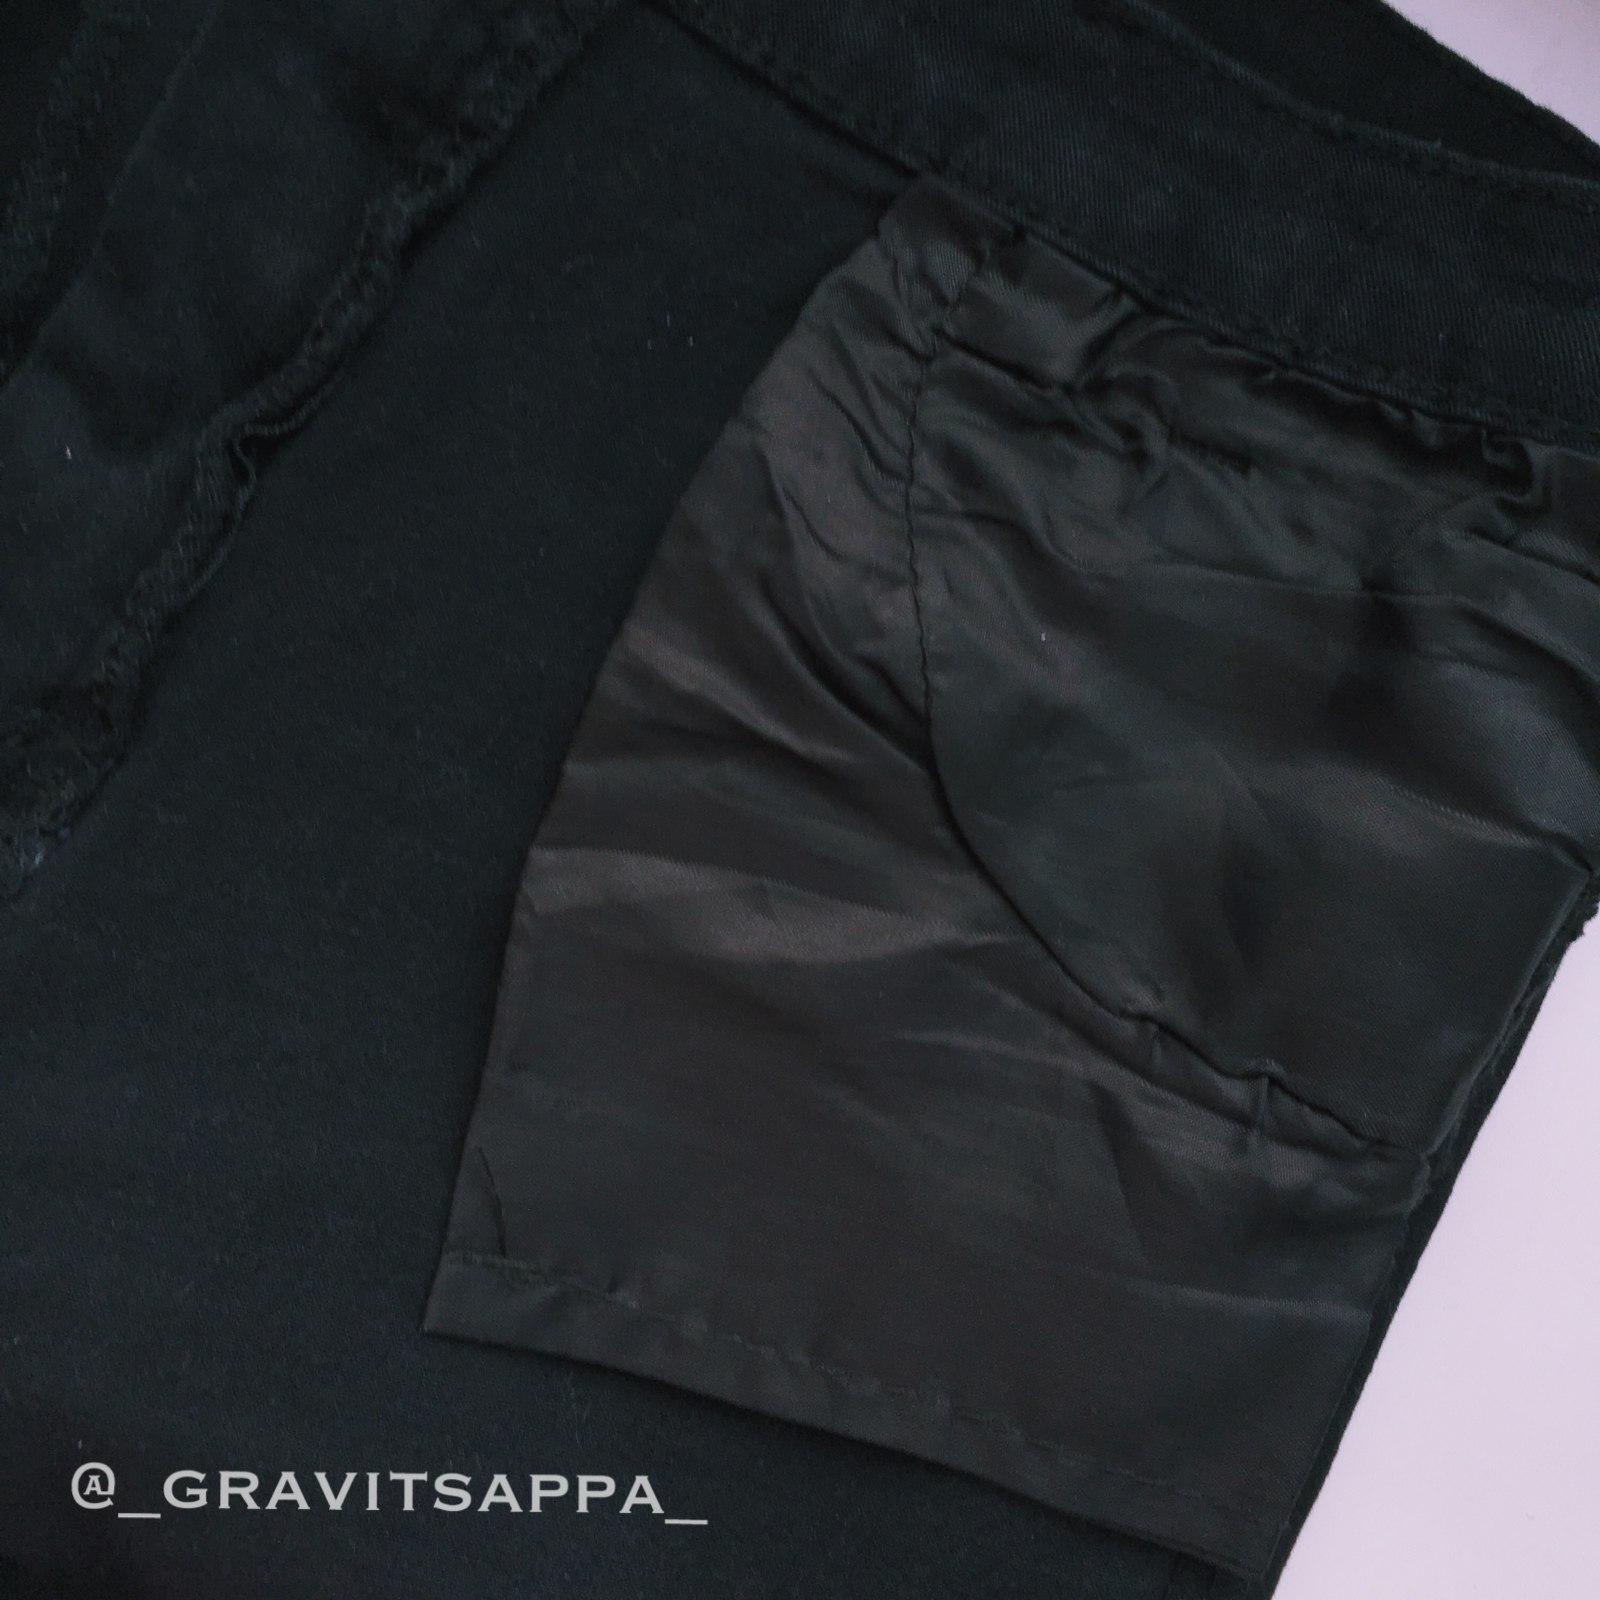 Черные джинсы которые хорошо сели бренда Colrovie Я просто ликую потому что получить джинсы без примерки которые не свал